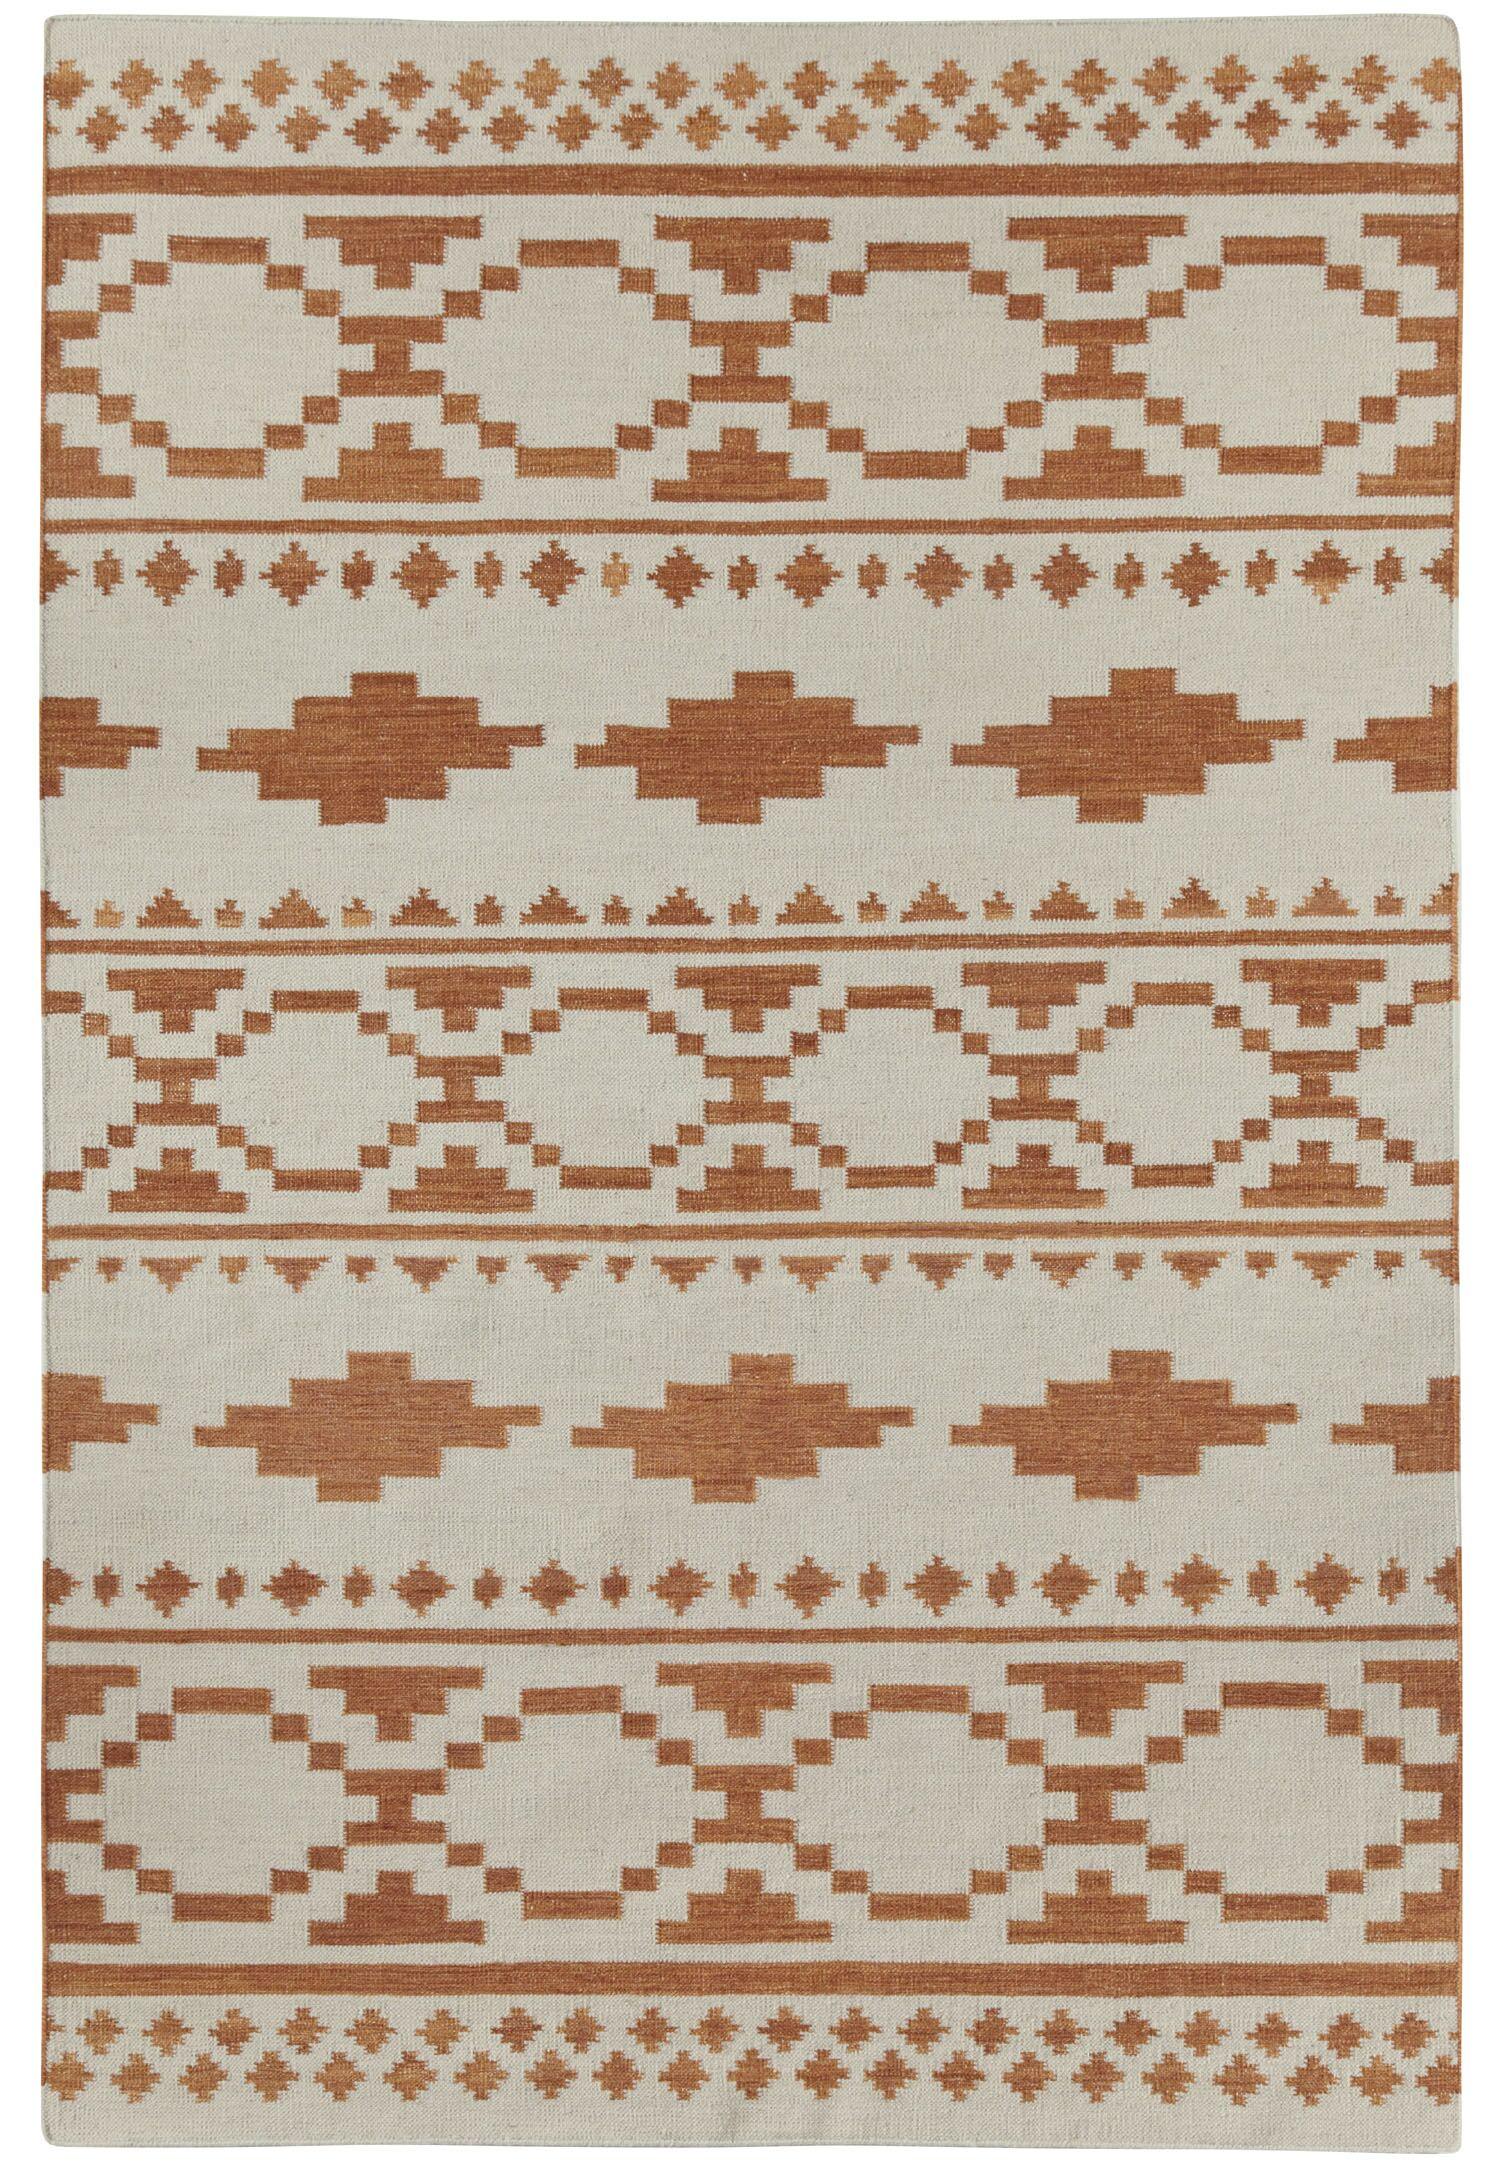 Estio Off-White/Brown Area Rug Rug Size: Rectangle 7' x 9'